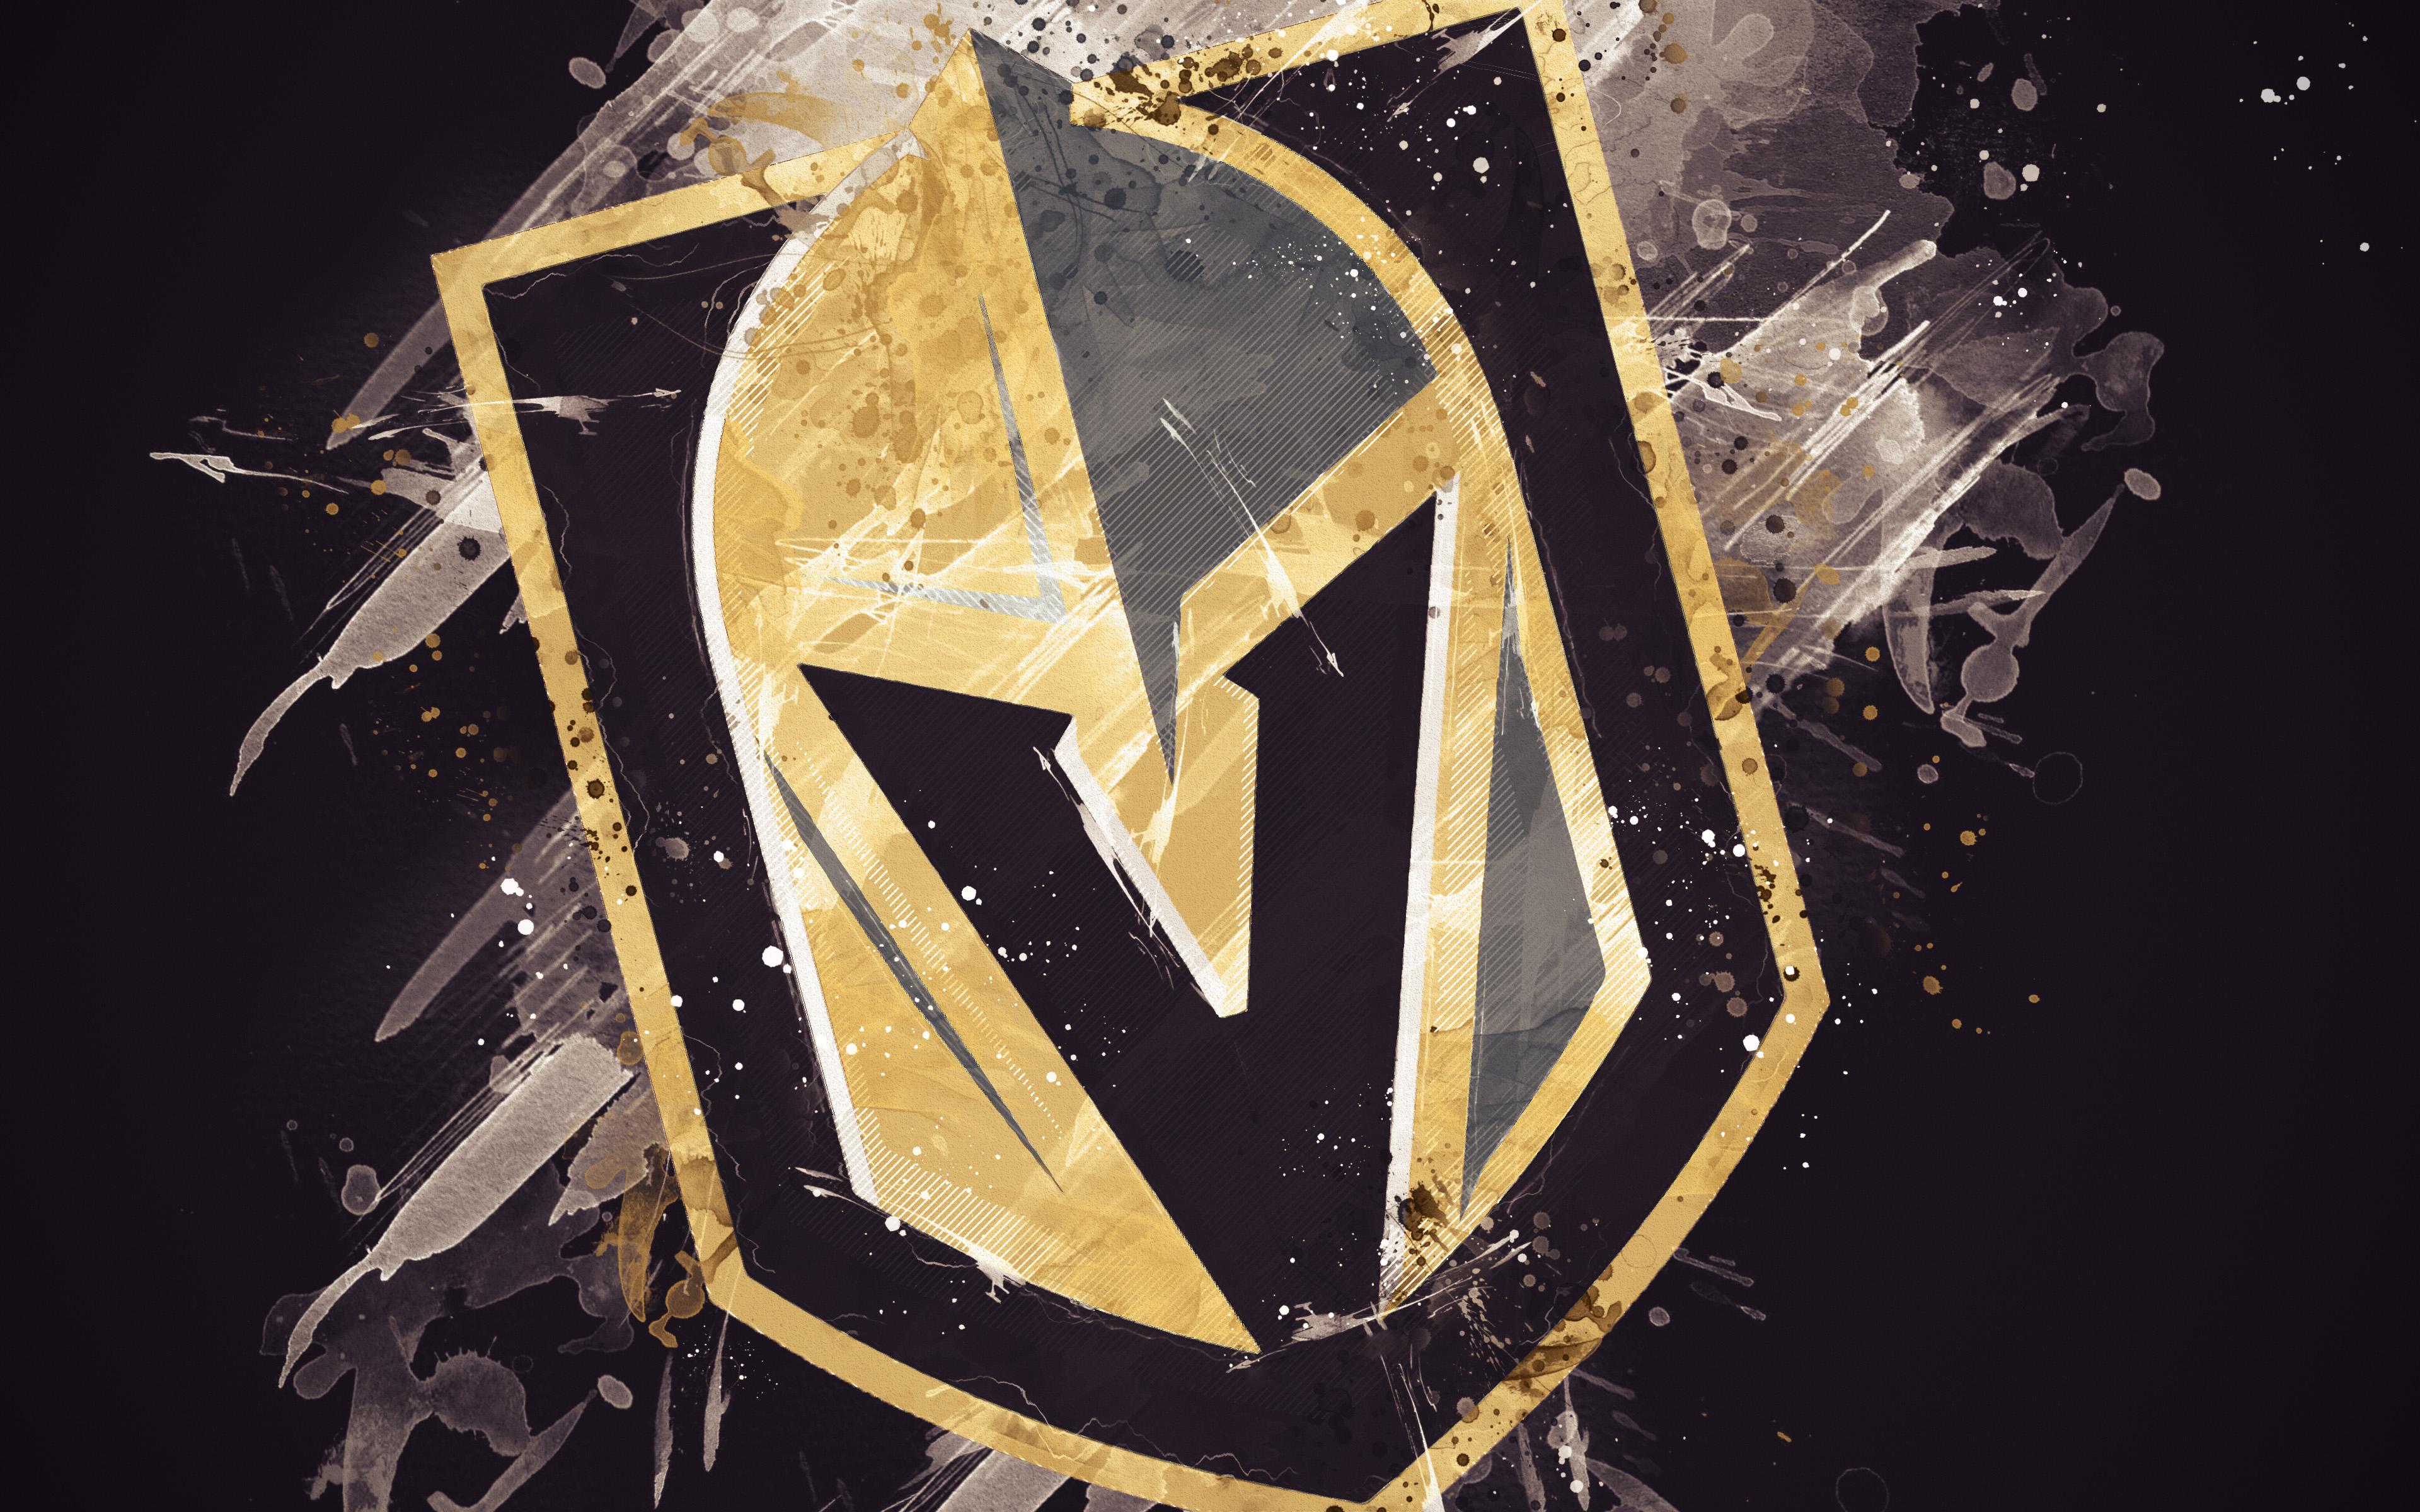 Vegas Golden Knights 4k Ultra Hd Wallpaper Las Vegas Golden